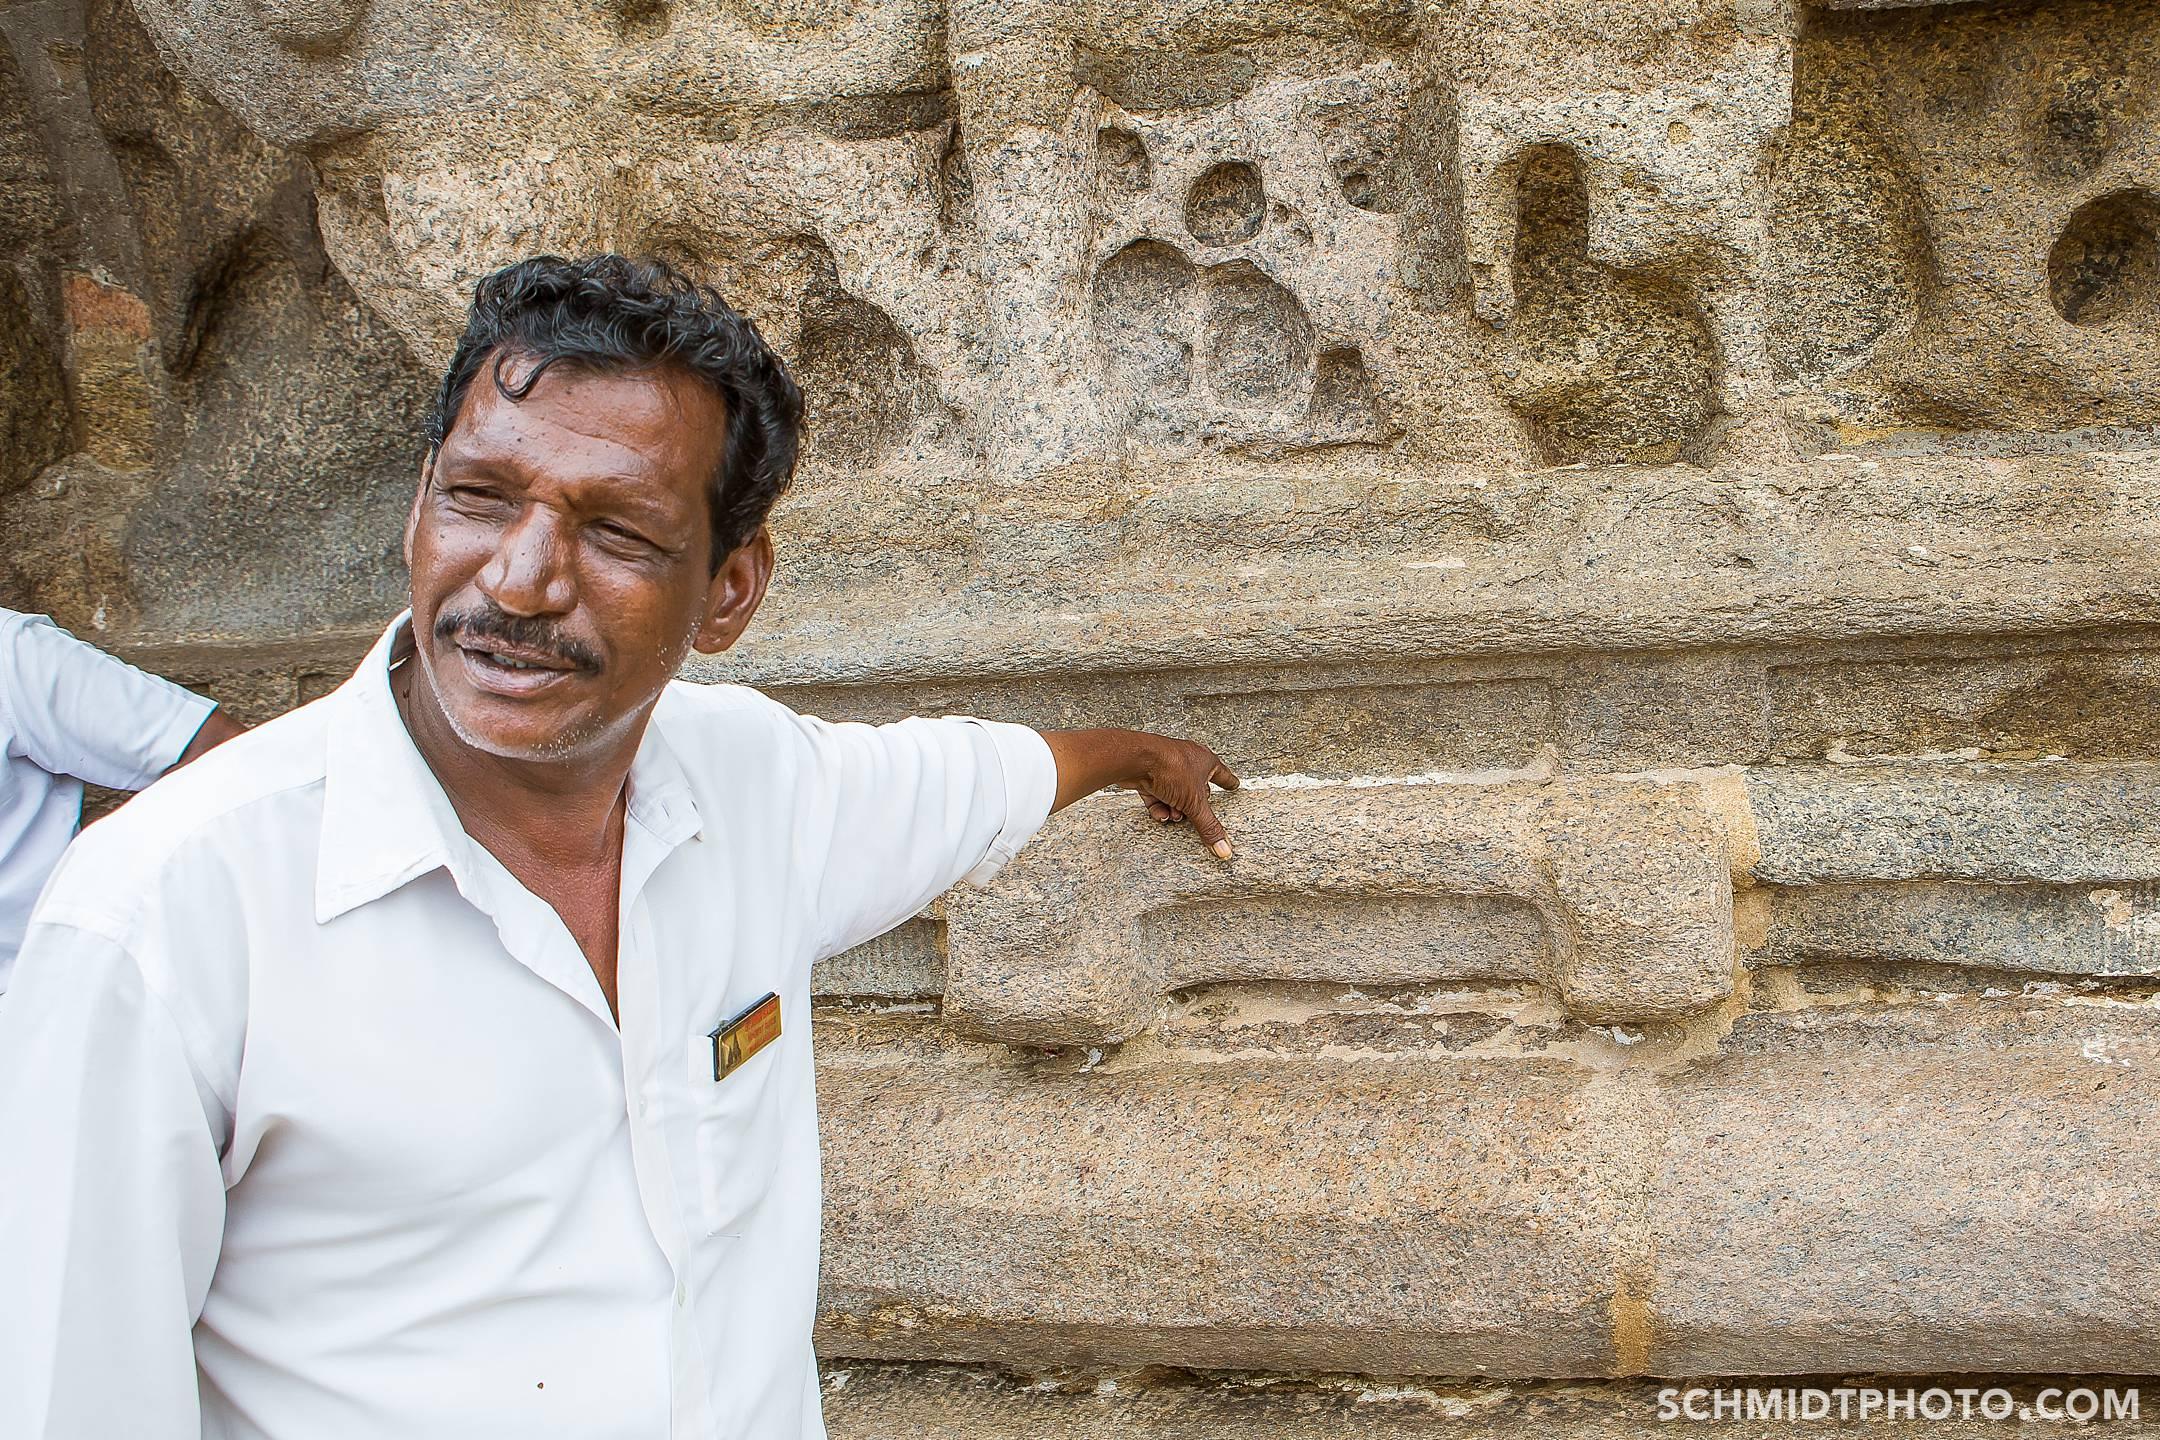 Tom Schmidt Photo Mahabalipuram Underwater City, India 26